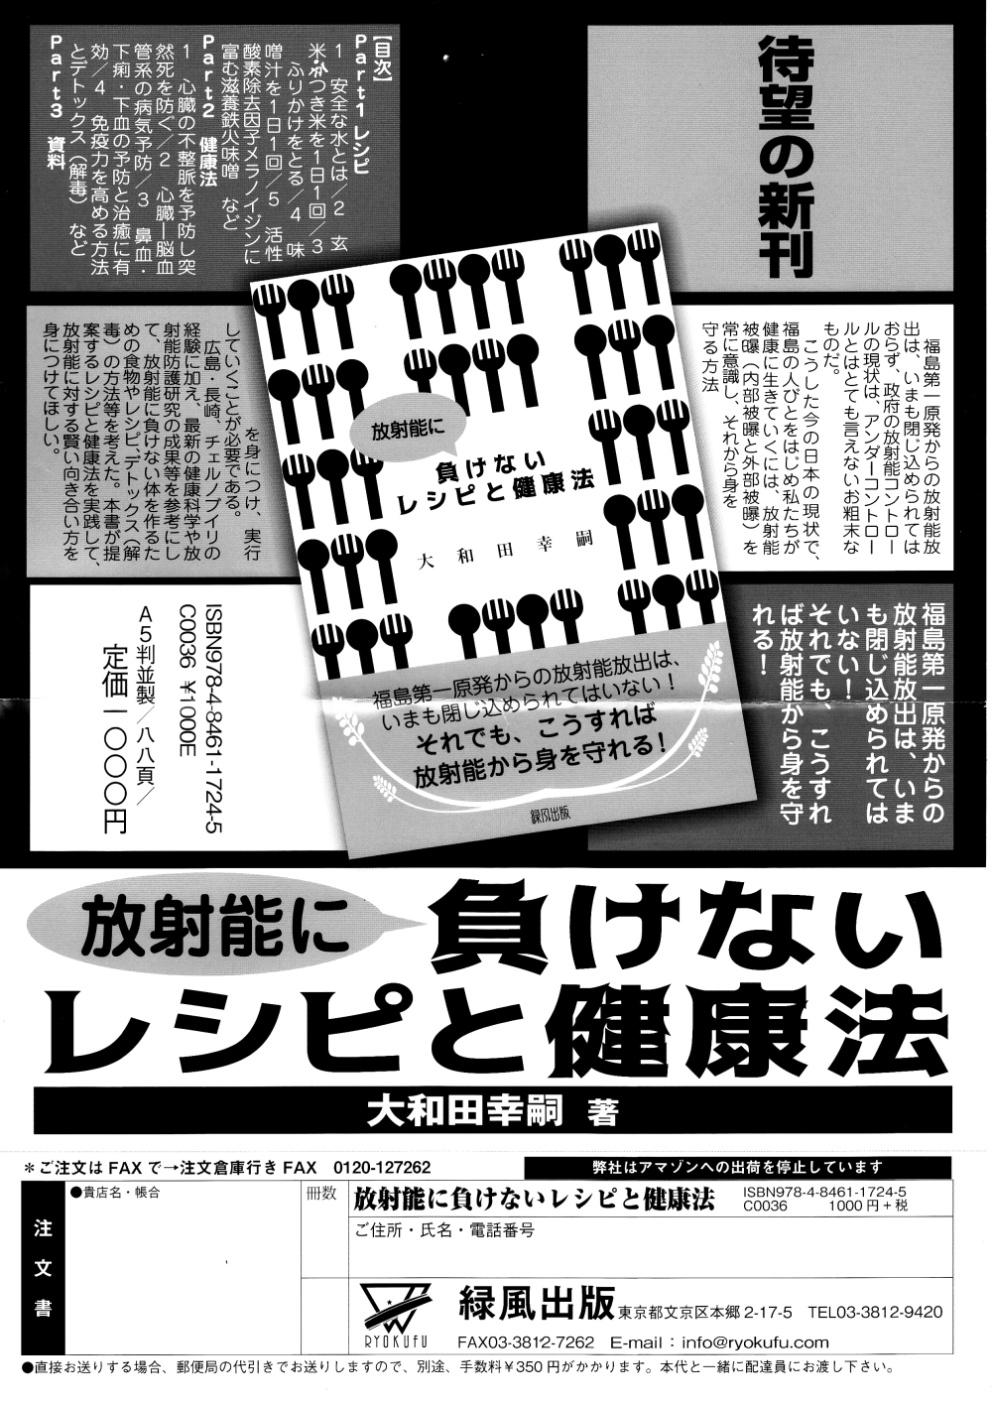 放射能に負けないレシピ.jpg